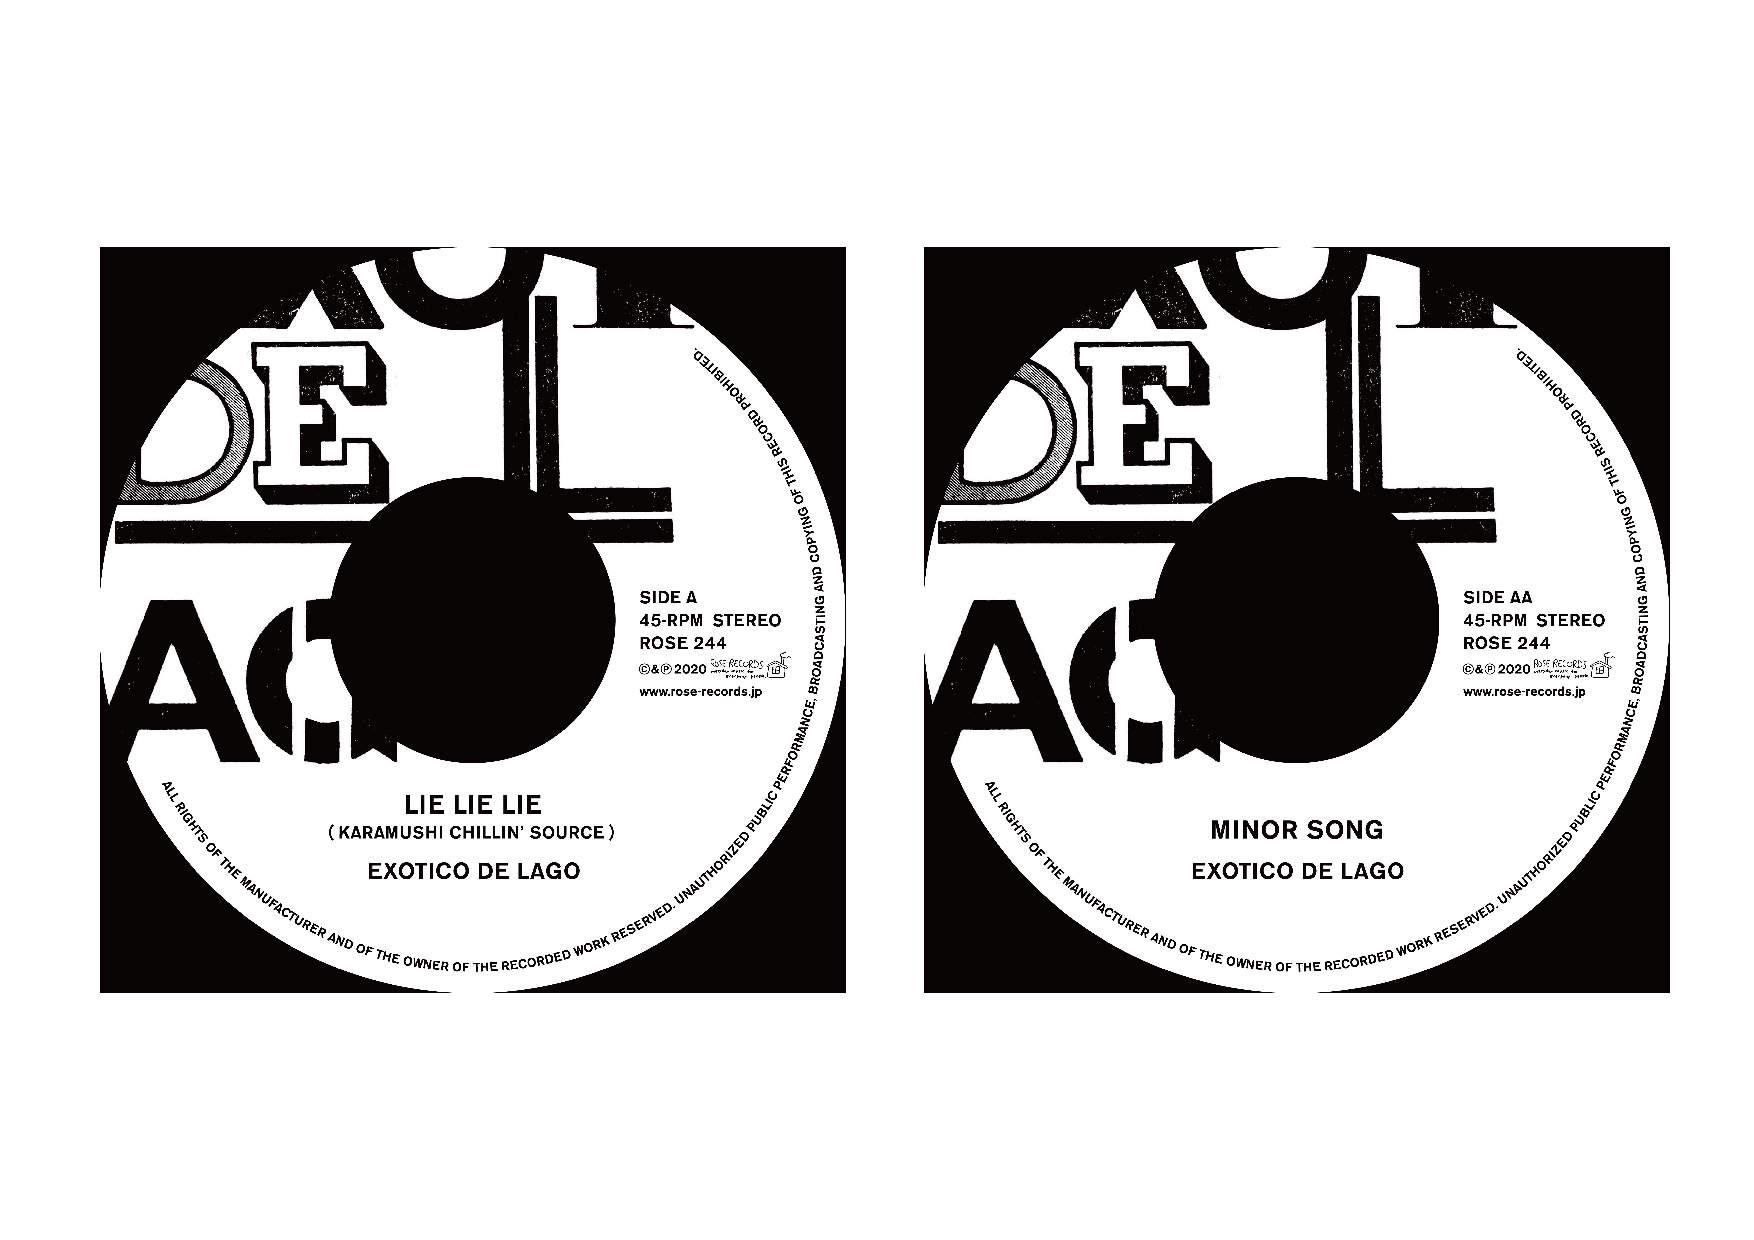 EXOTICO DE LAGO 両A面の限定7inchシングルをリリース!!